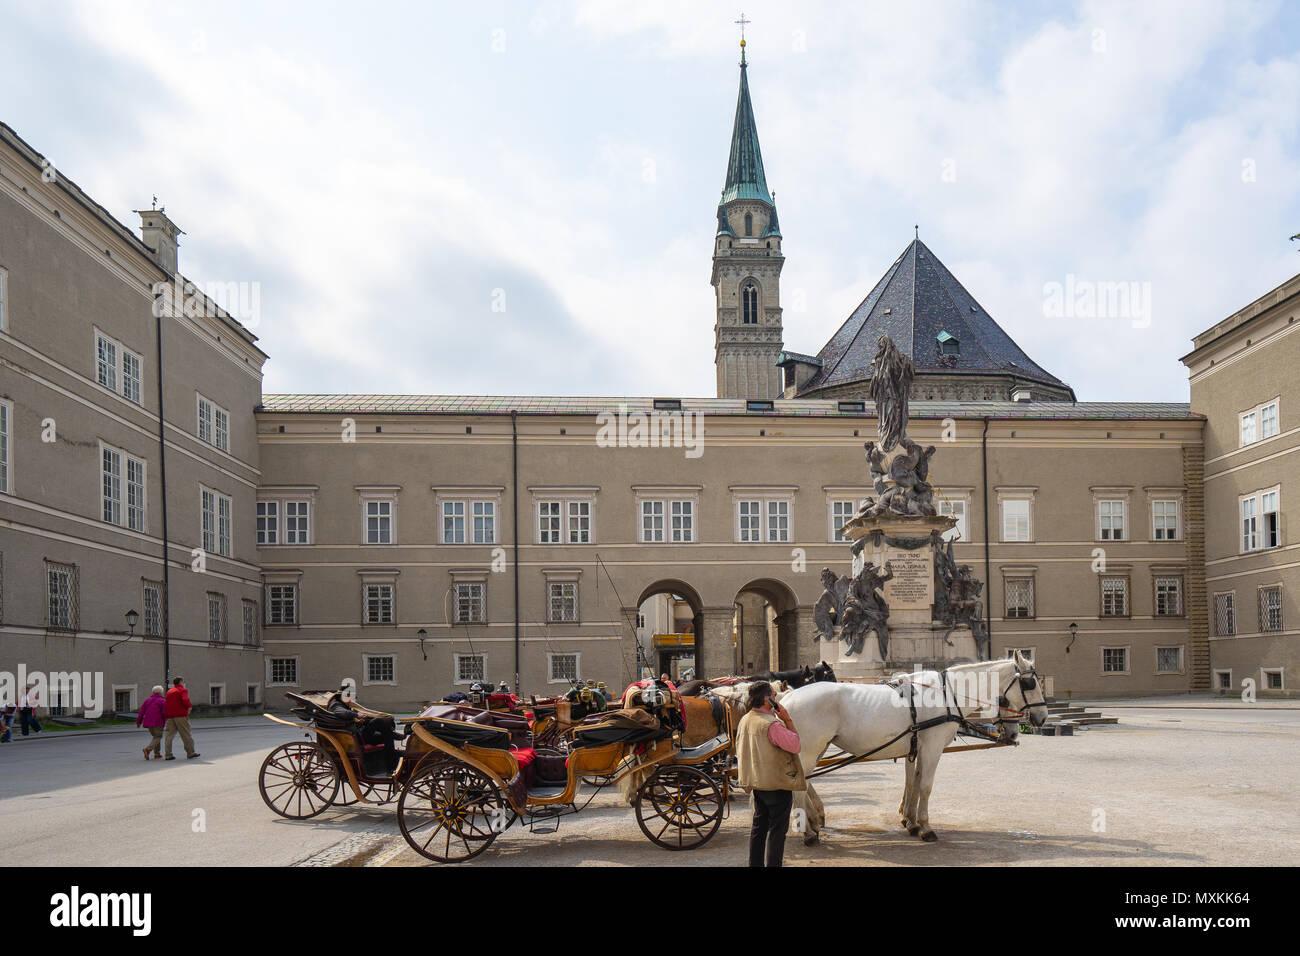 Salzburg, Österreich - Mai 4, 2018: Der Schlitten in Domplatz in Salzburg, Österreich. Stockbild